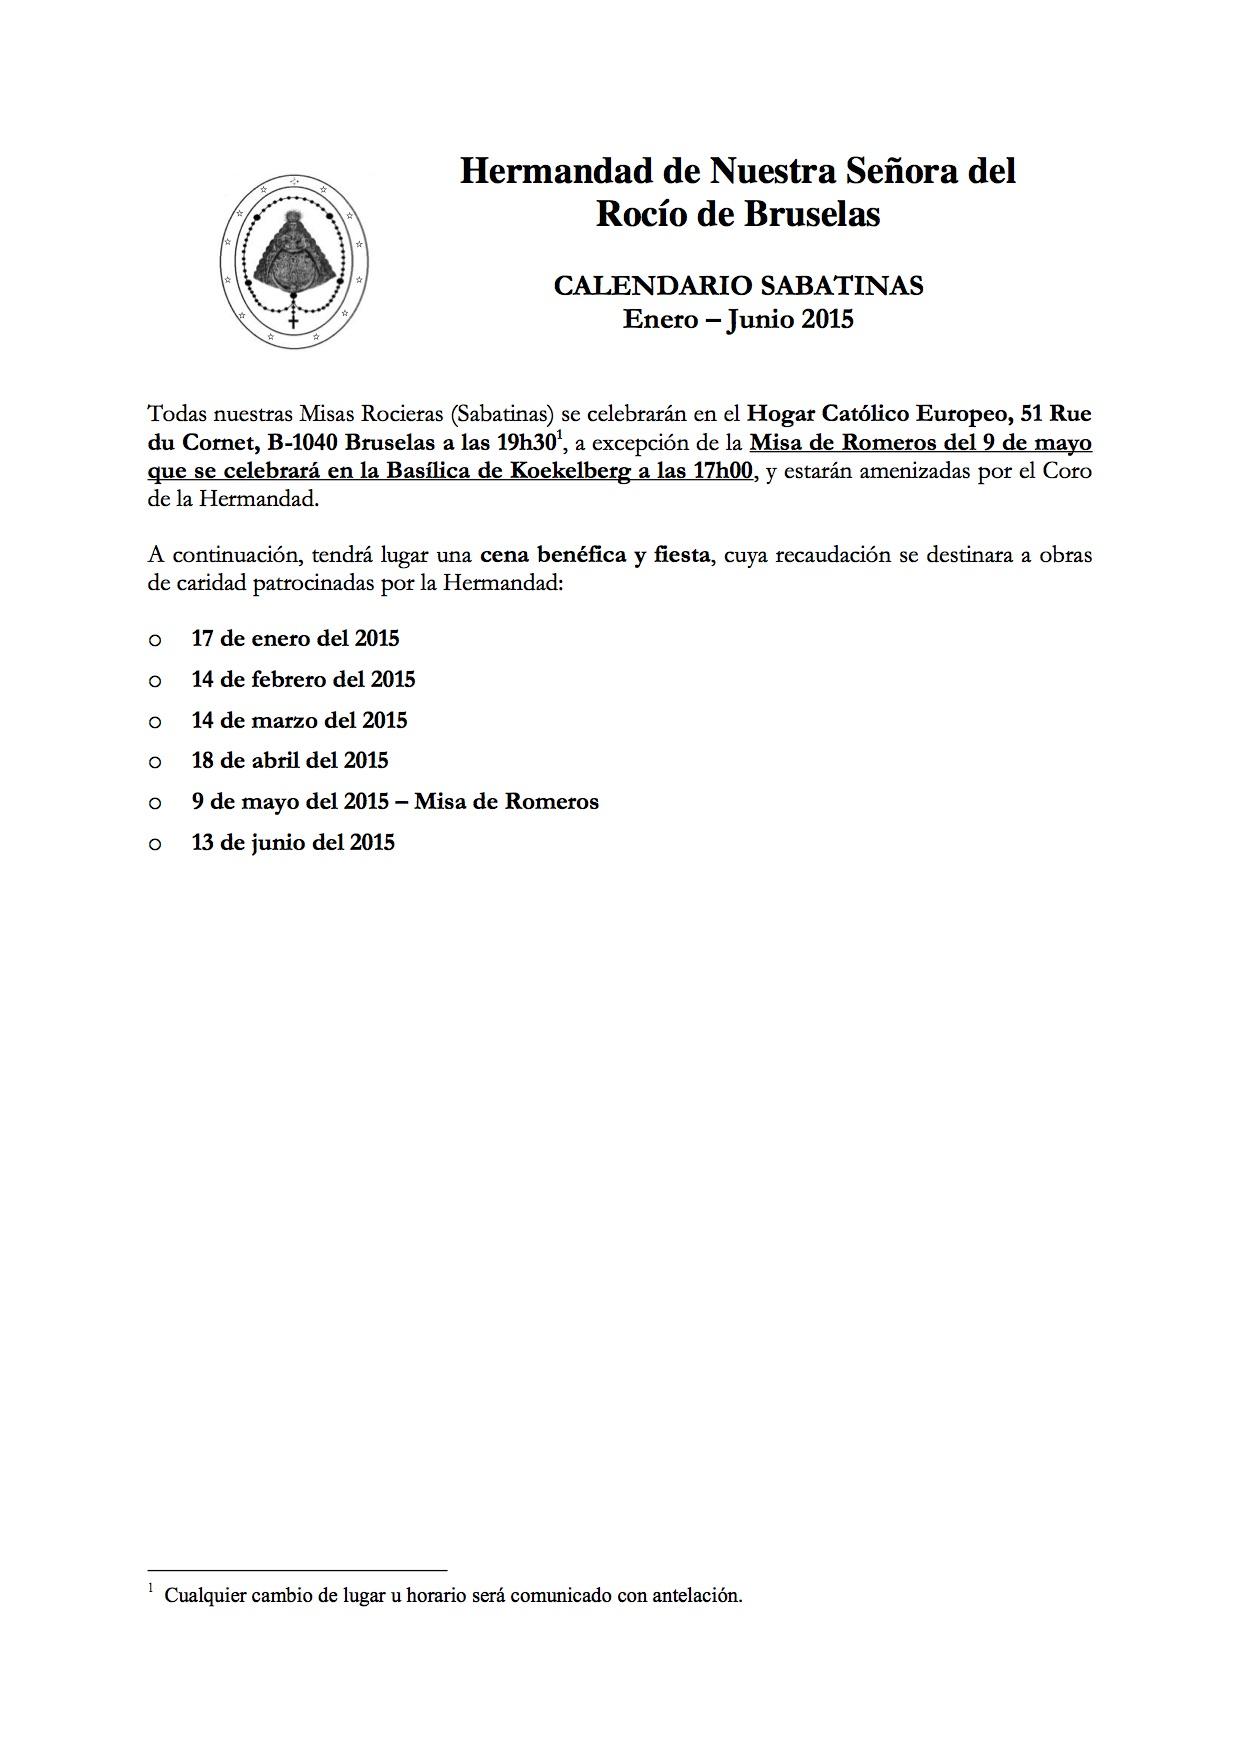 Calendario de Sabatinas -Enero-Junio 2015